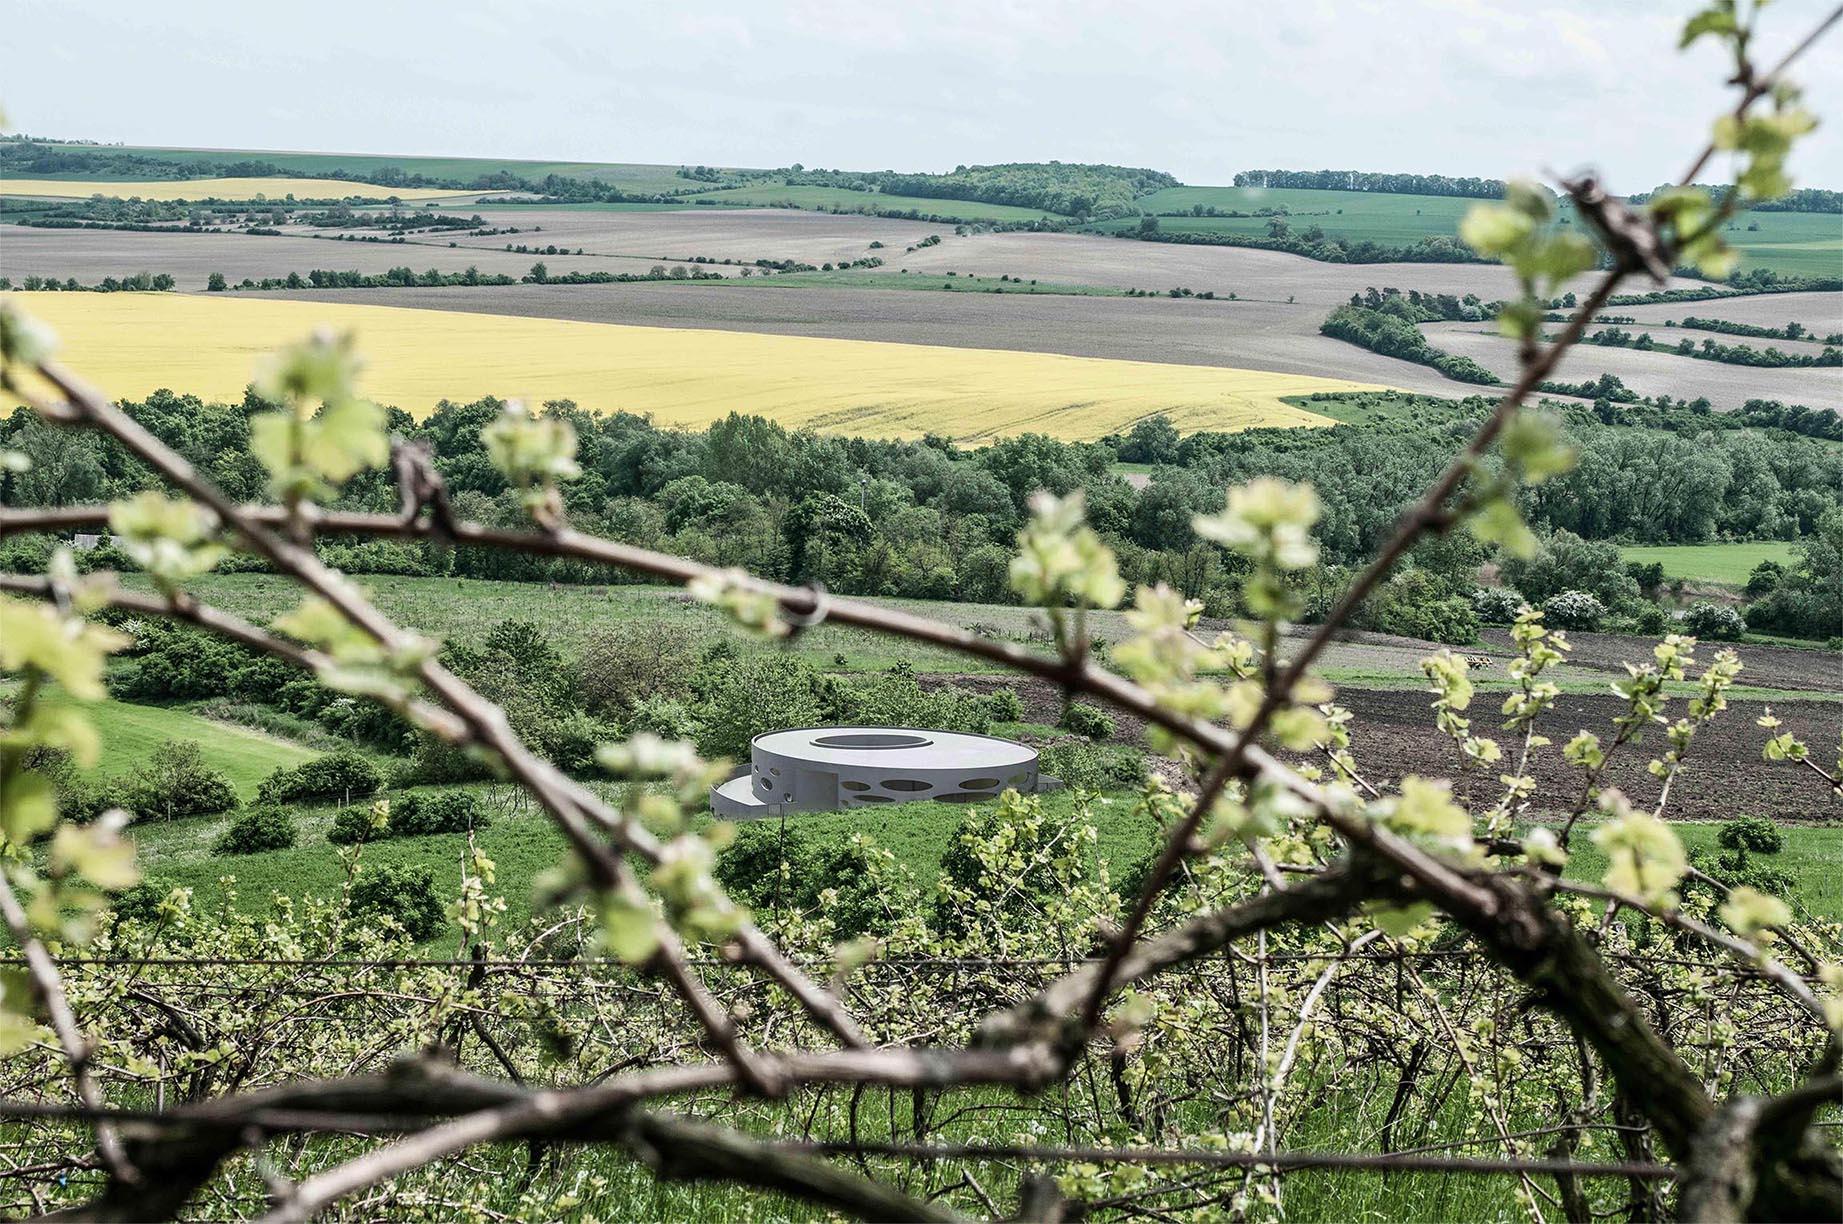 Vinařství Pod Chlumem - vizualice vinařství v krajině. Autor: Kurz architekti